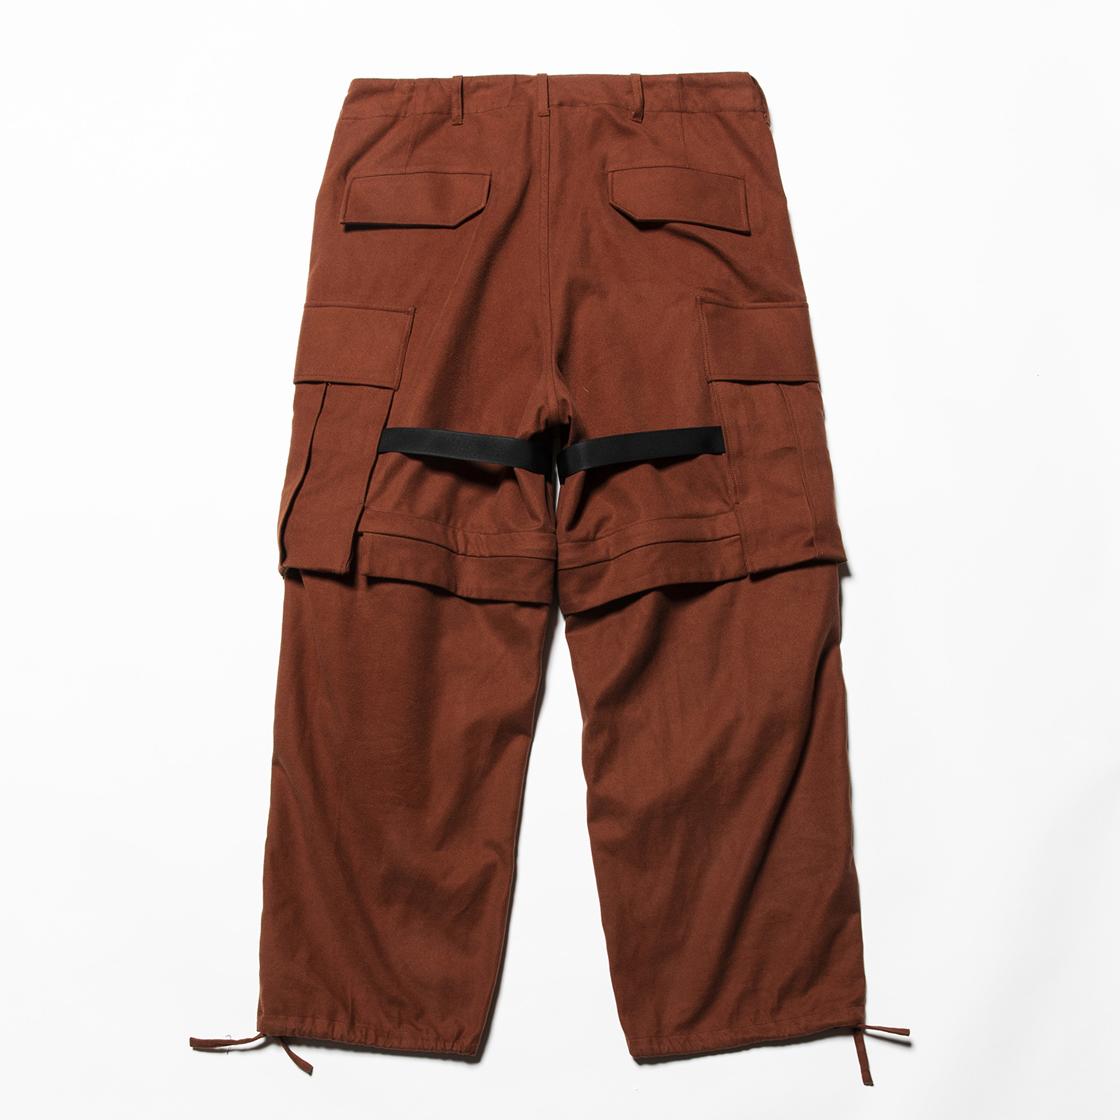 Dress Flannel M51 Cargo PT Brown